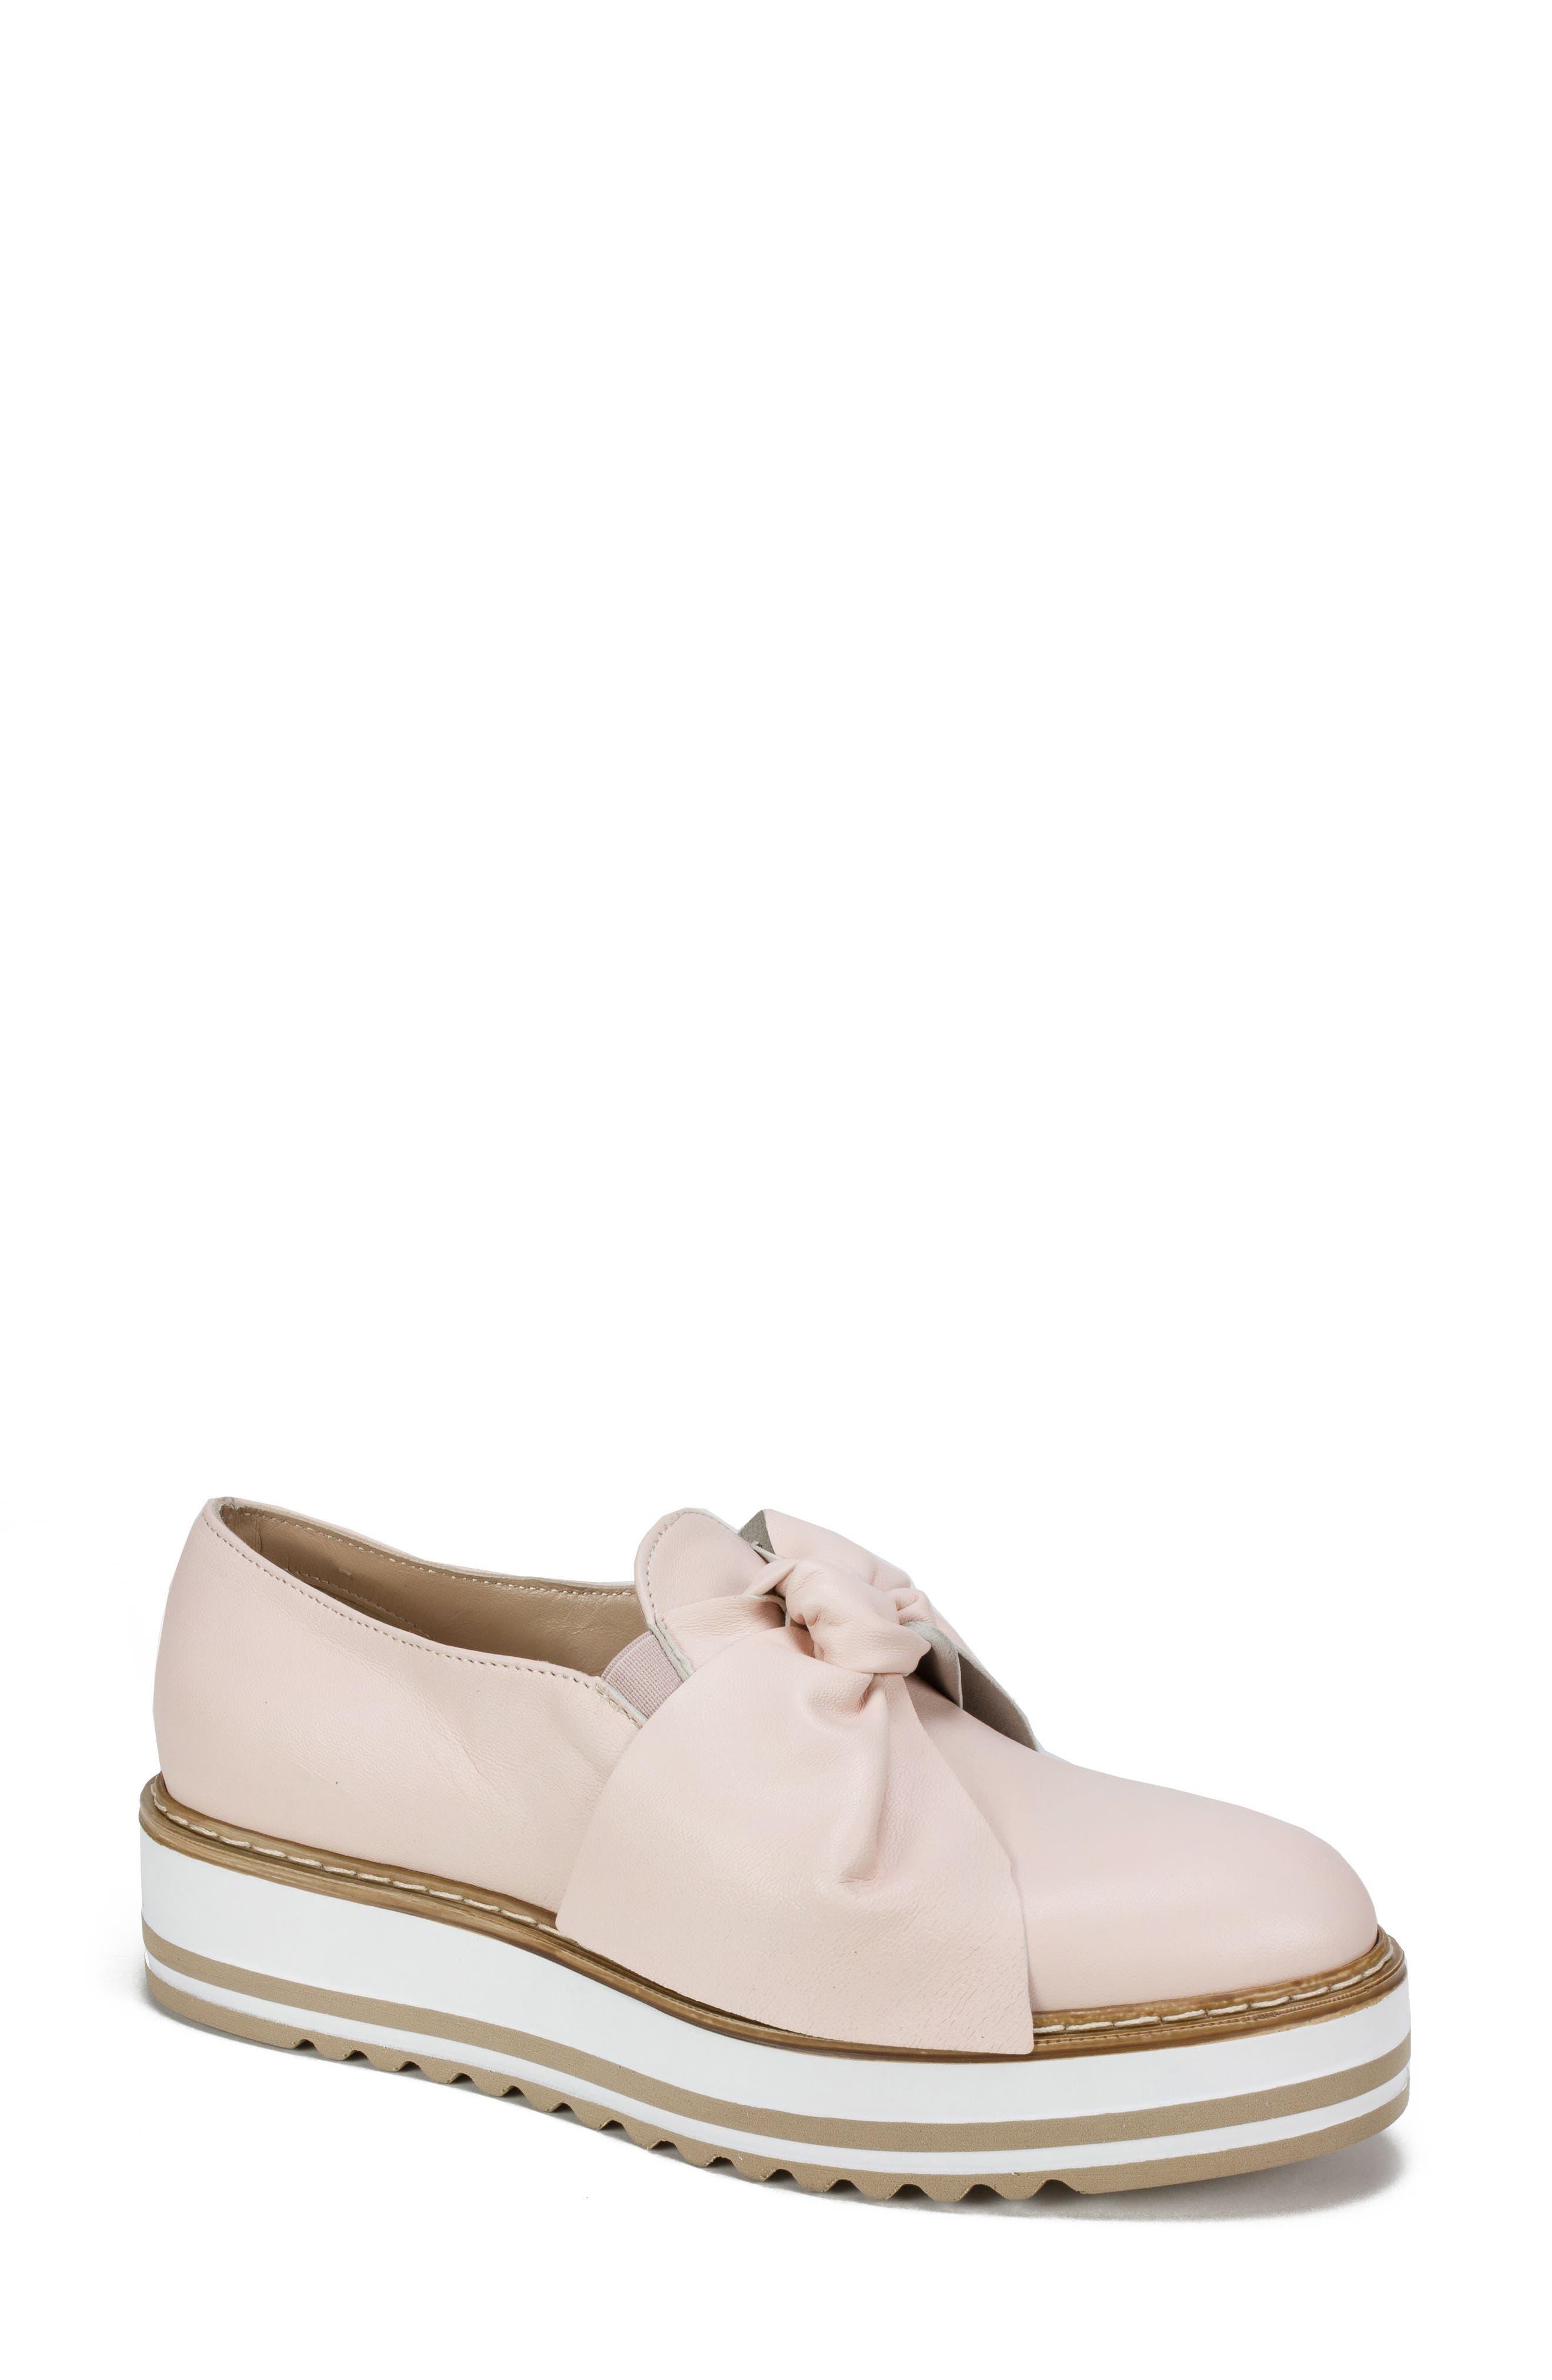 Bella Platform Loafer,                             Main thumbnail 1, color,                             Pink Leather